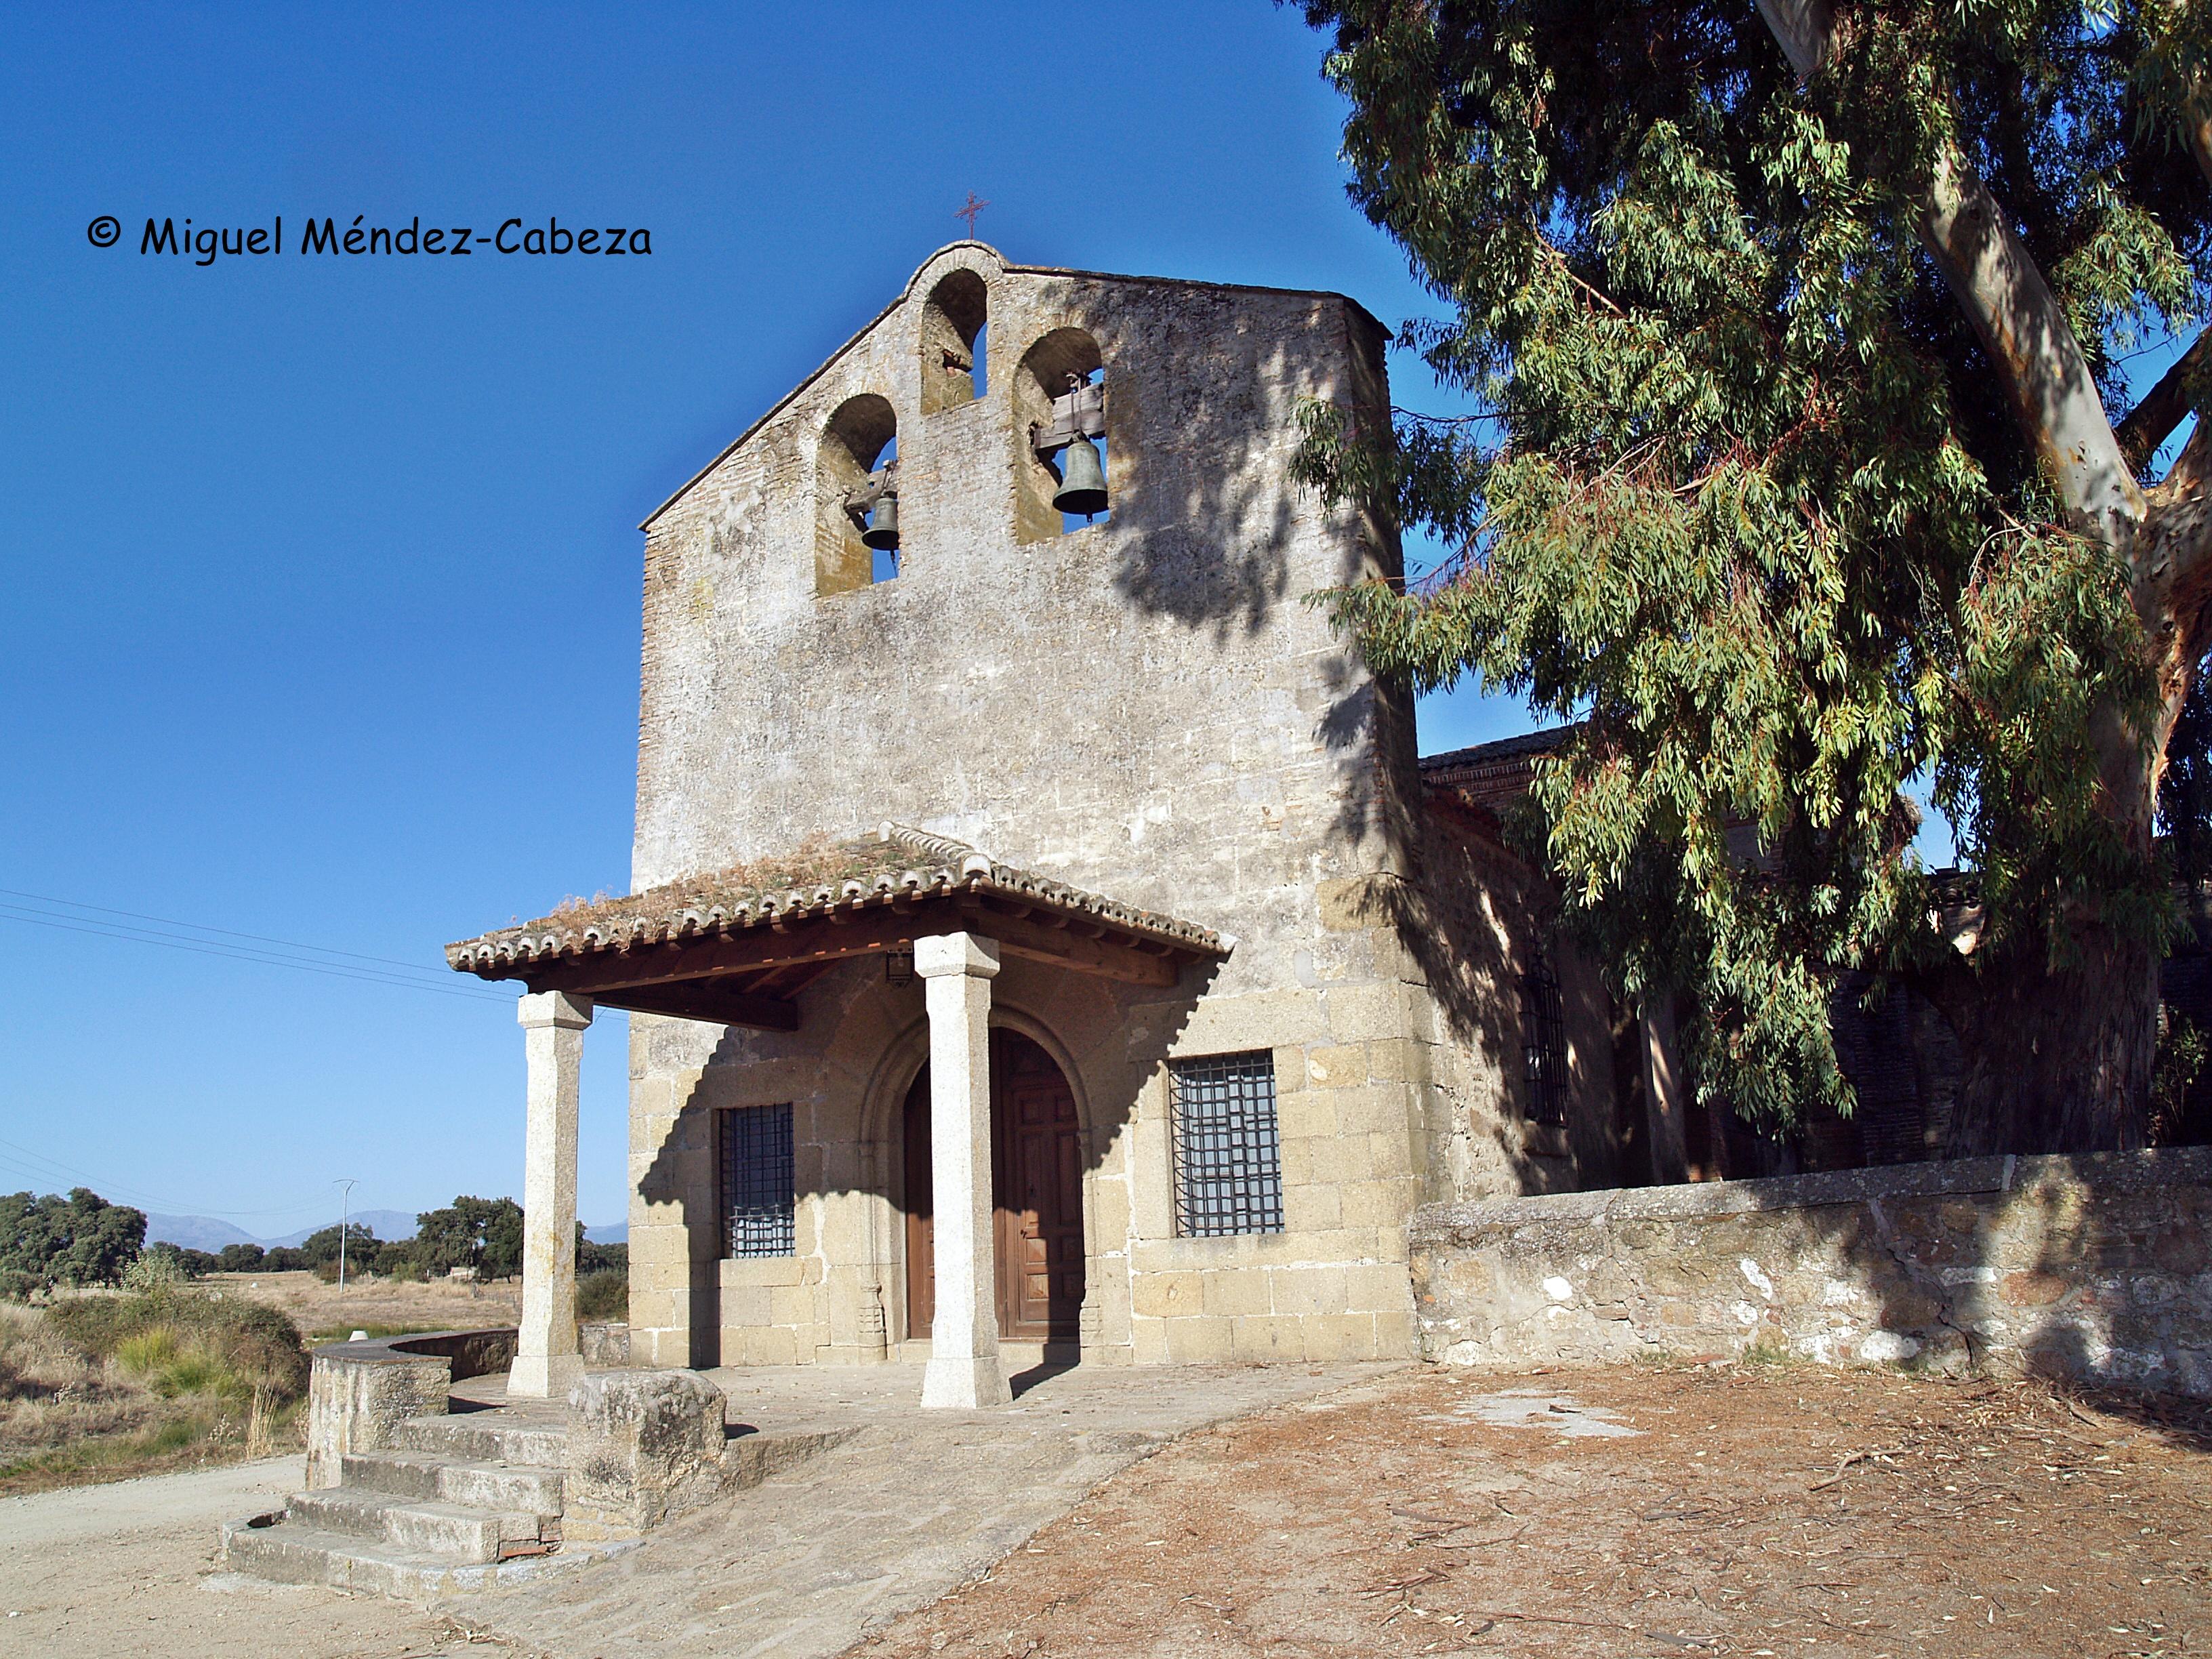 Iglesia del pueblo de los saludadores, La Corchuela de Oropesa